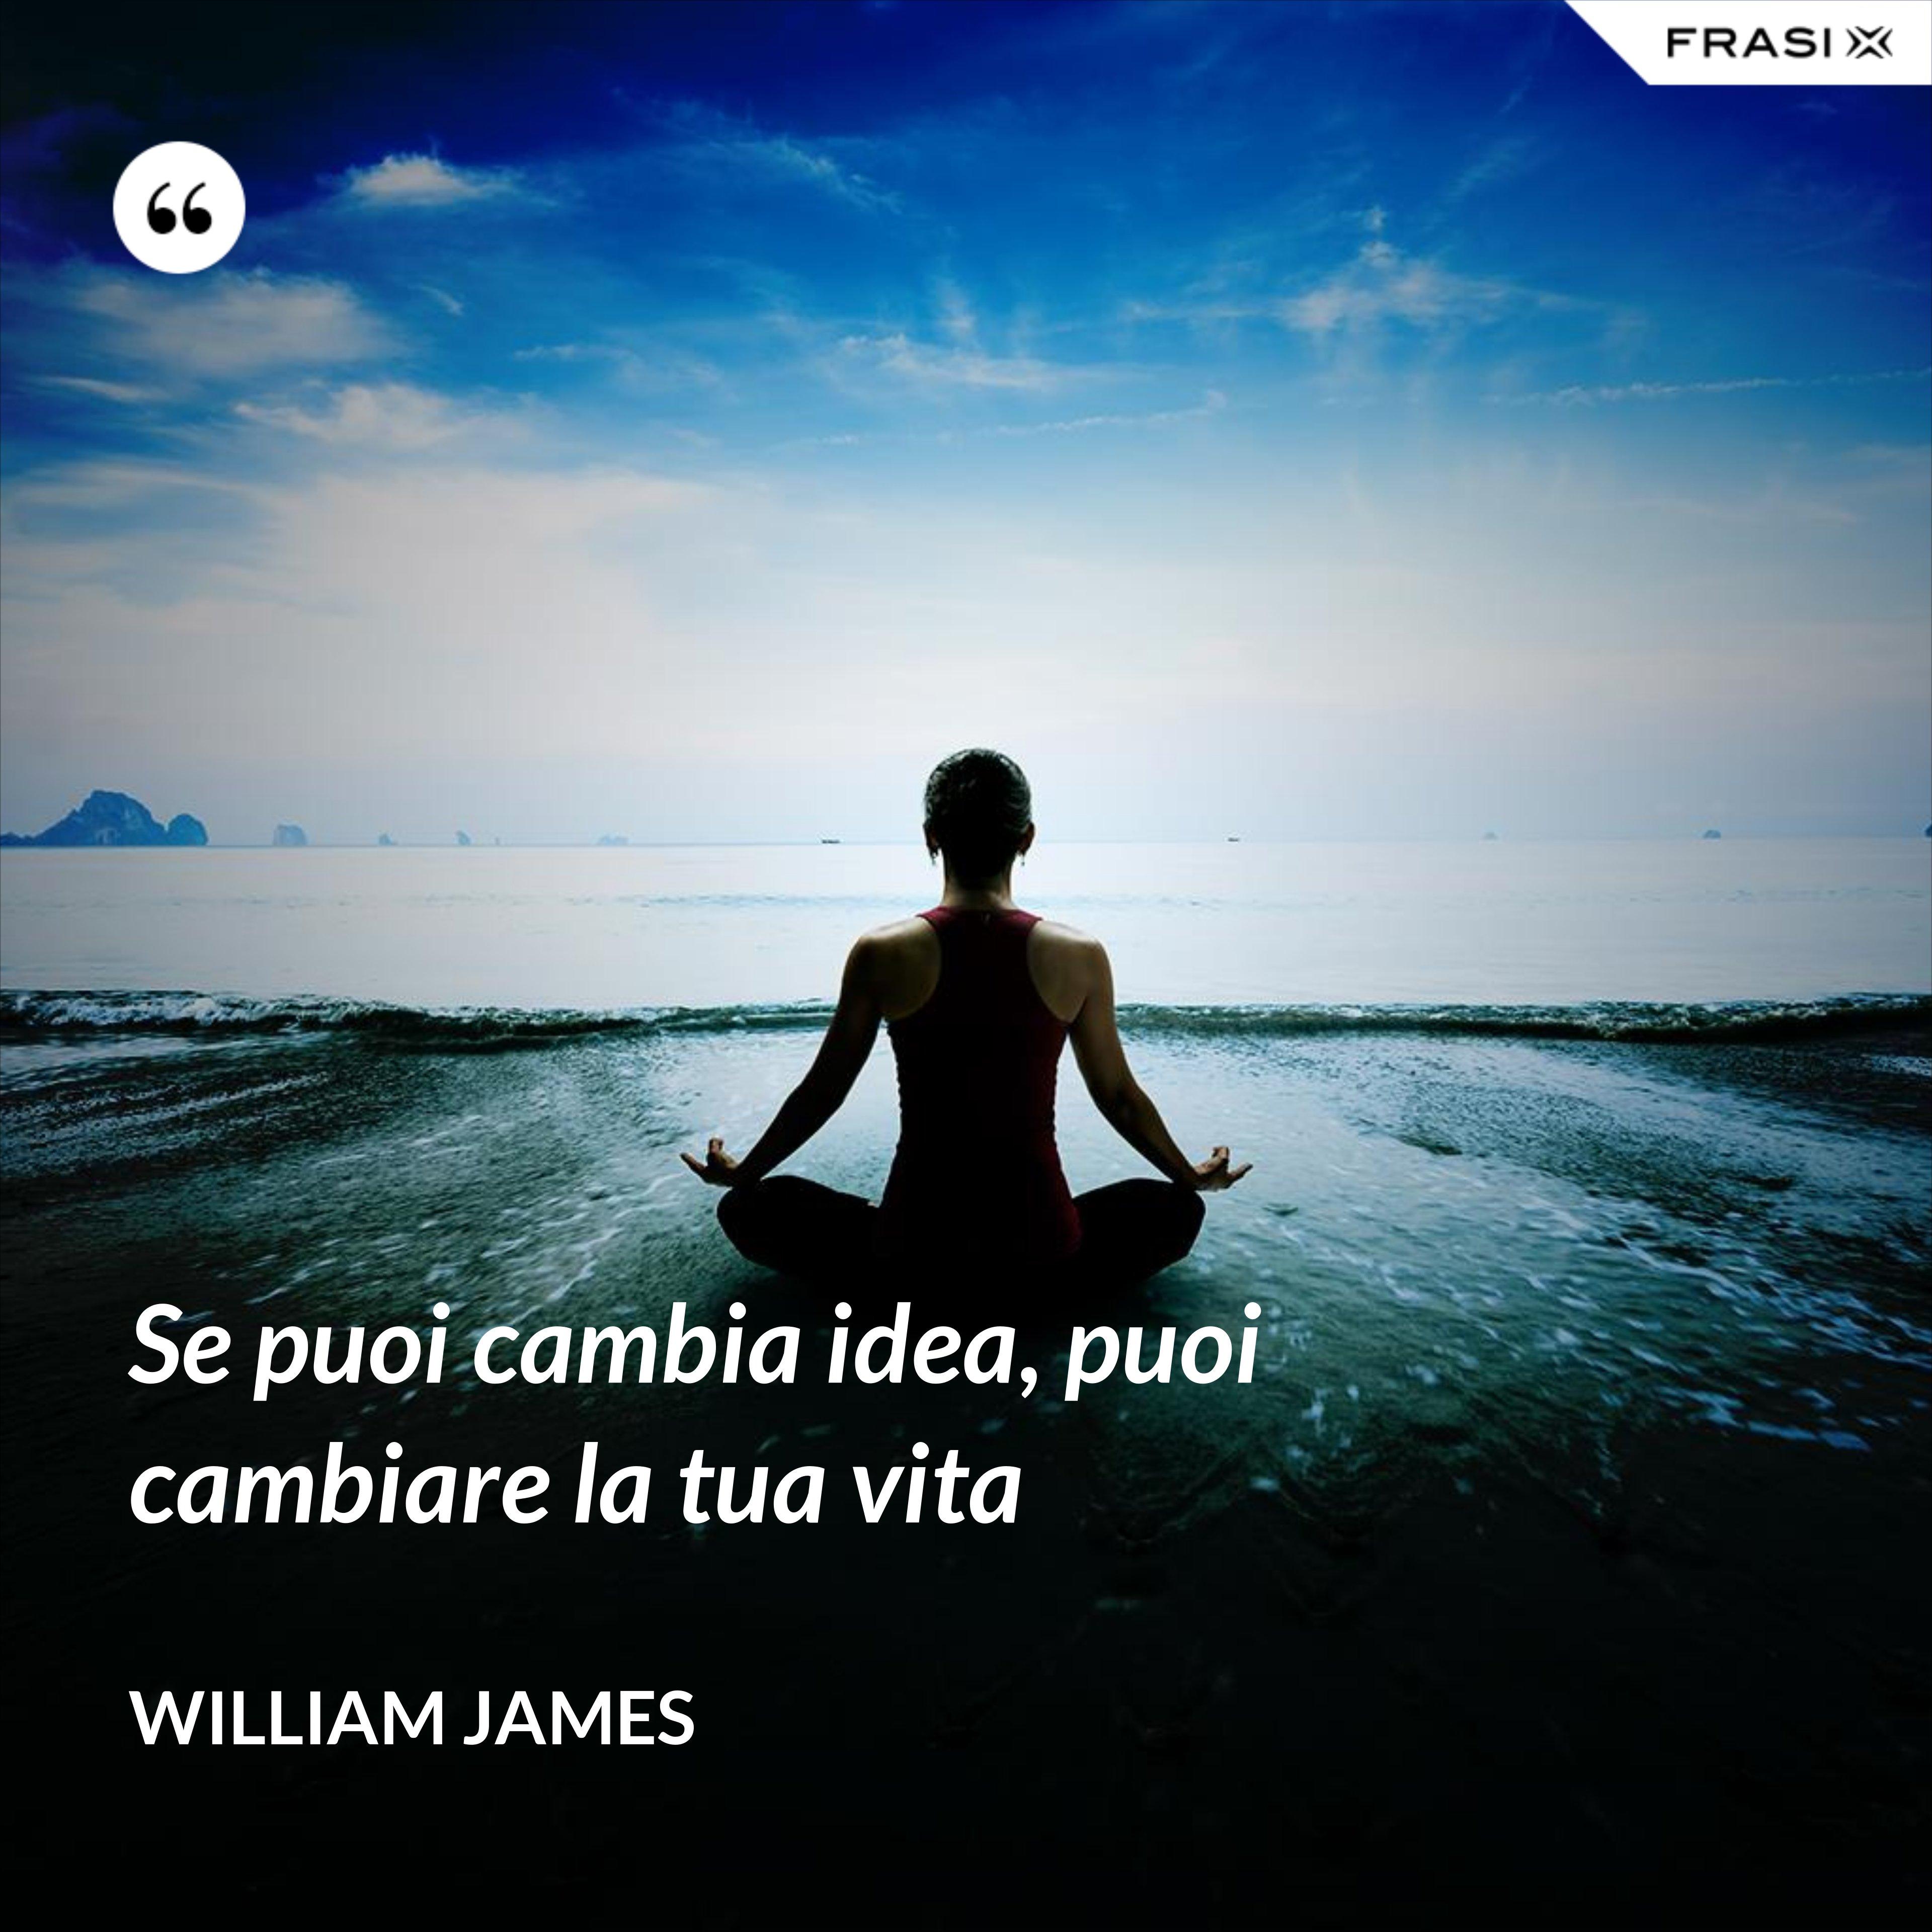 Se puoi cambia idea, puoi cambiare la tua vita - William James